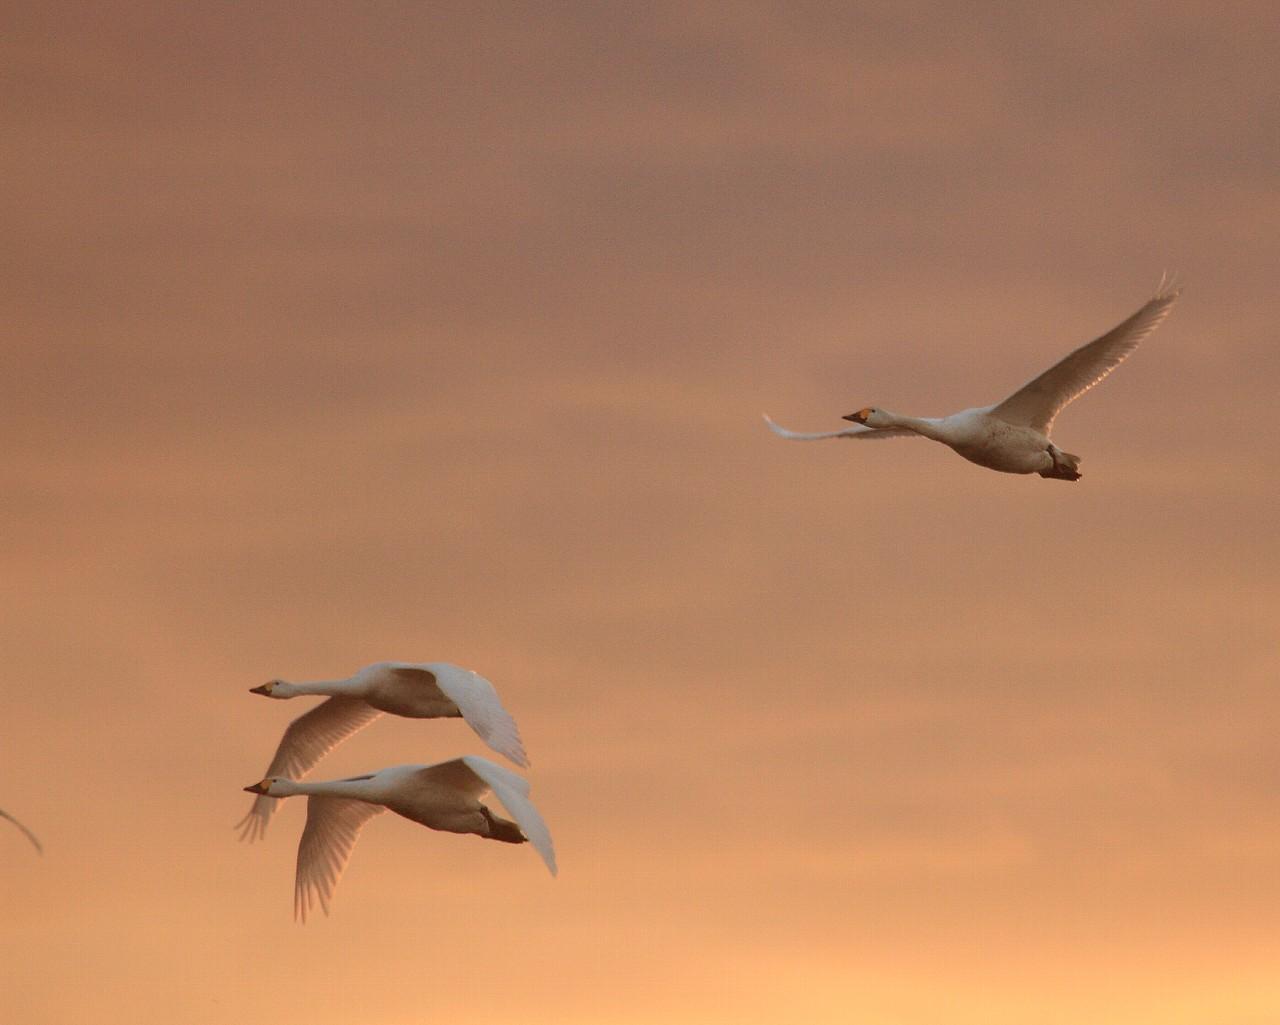 夕日の中を飛ぶコハクチョウ3羽_f0105570_22314596.jpg